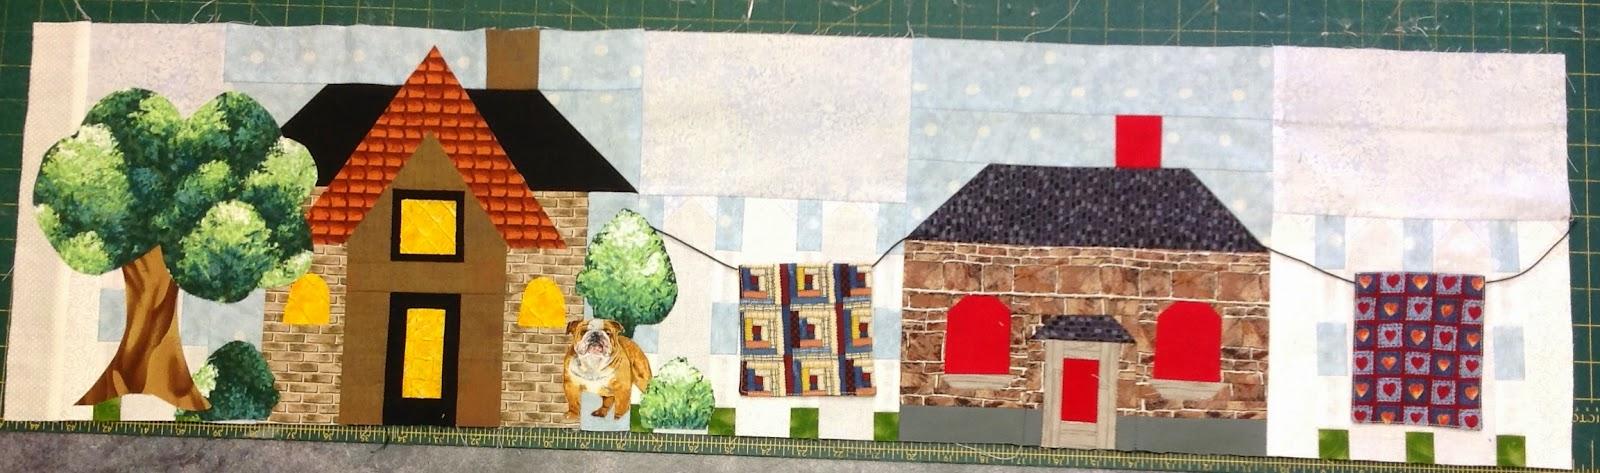 Deana S Dog House